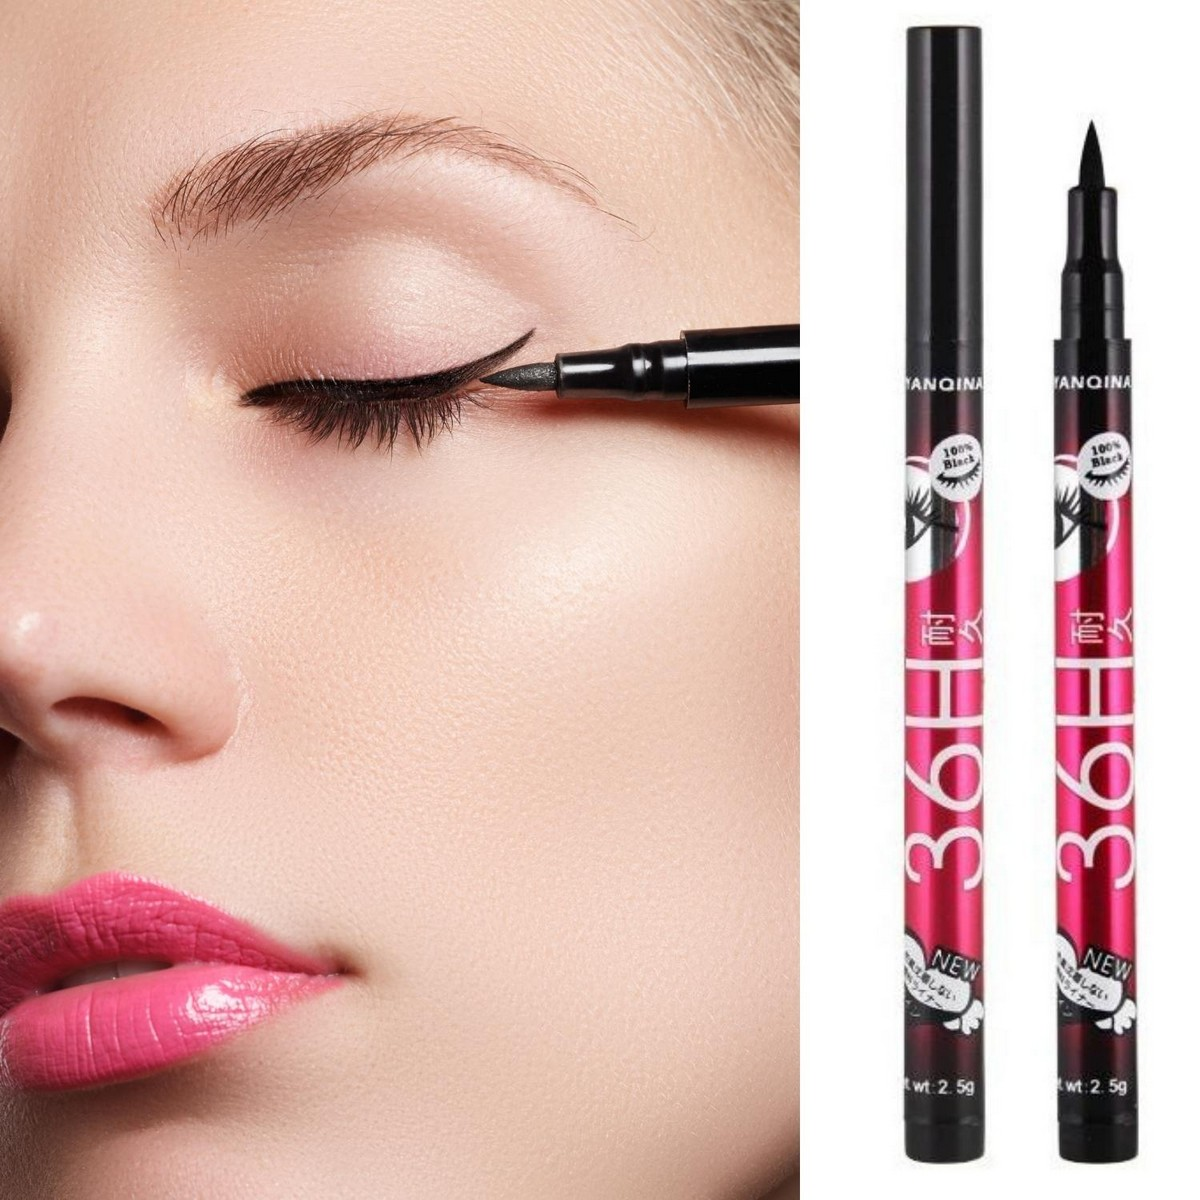 36 hours Waterproof Black Eyeliner Liquid gel liner Make Up Beauty Comestics Eye Liner cosmetic makeup eyeliner pencil